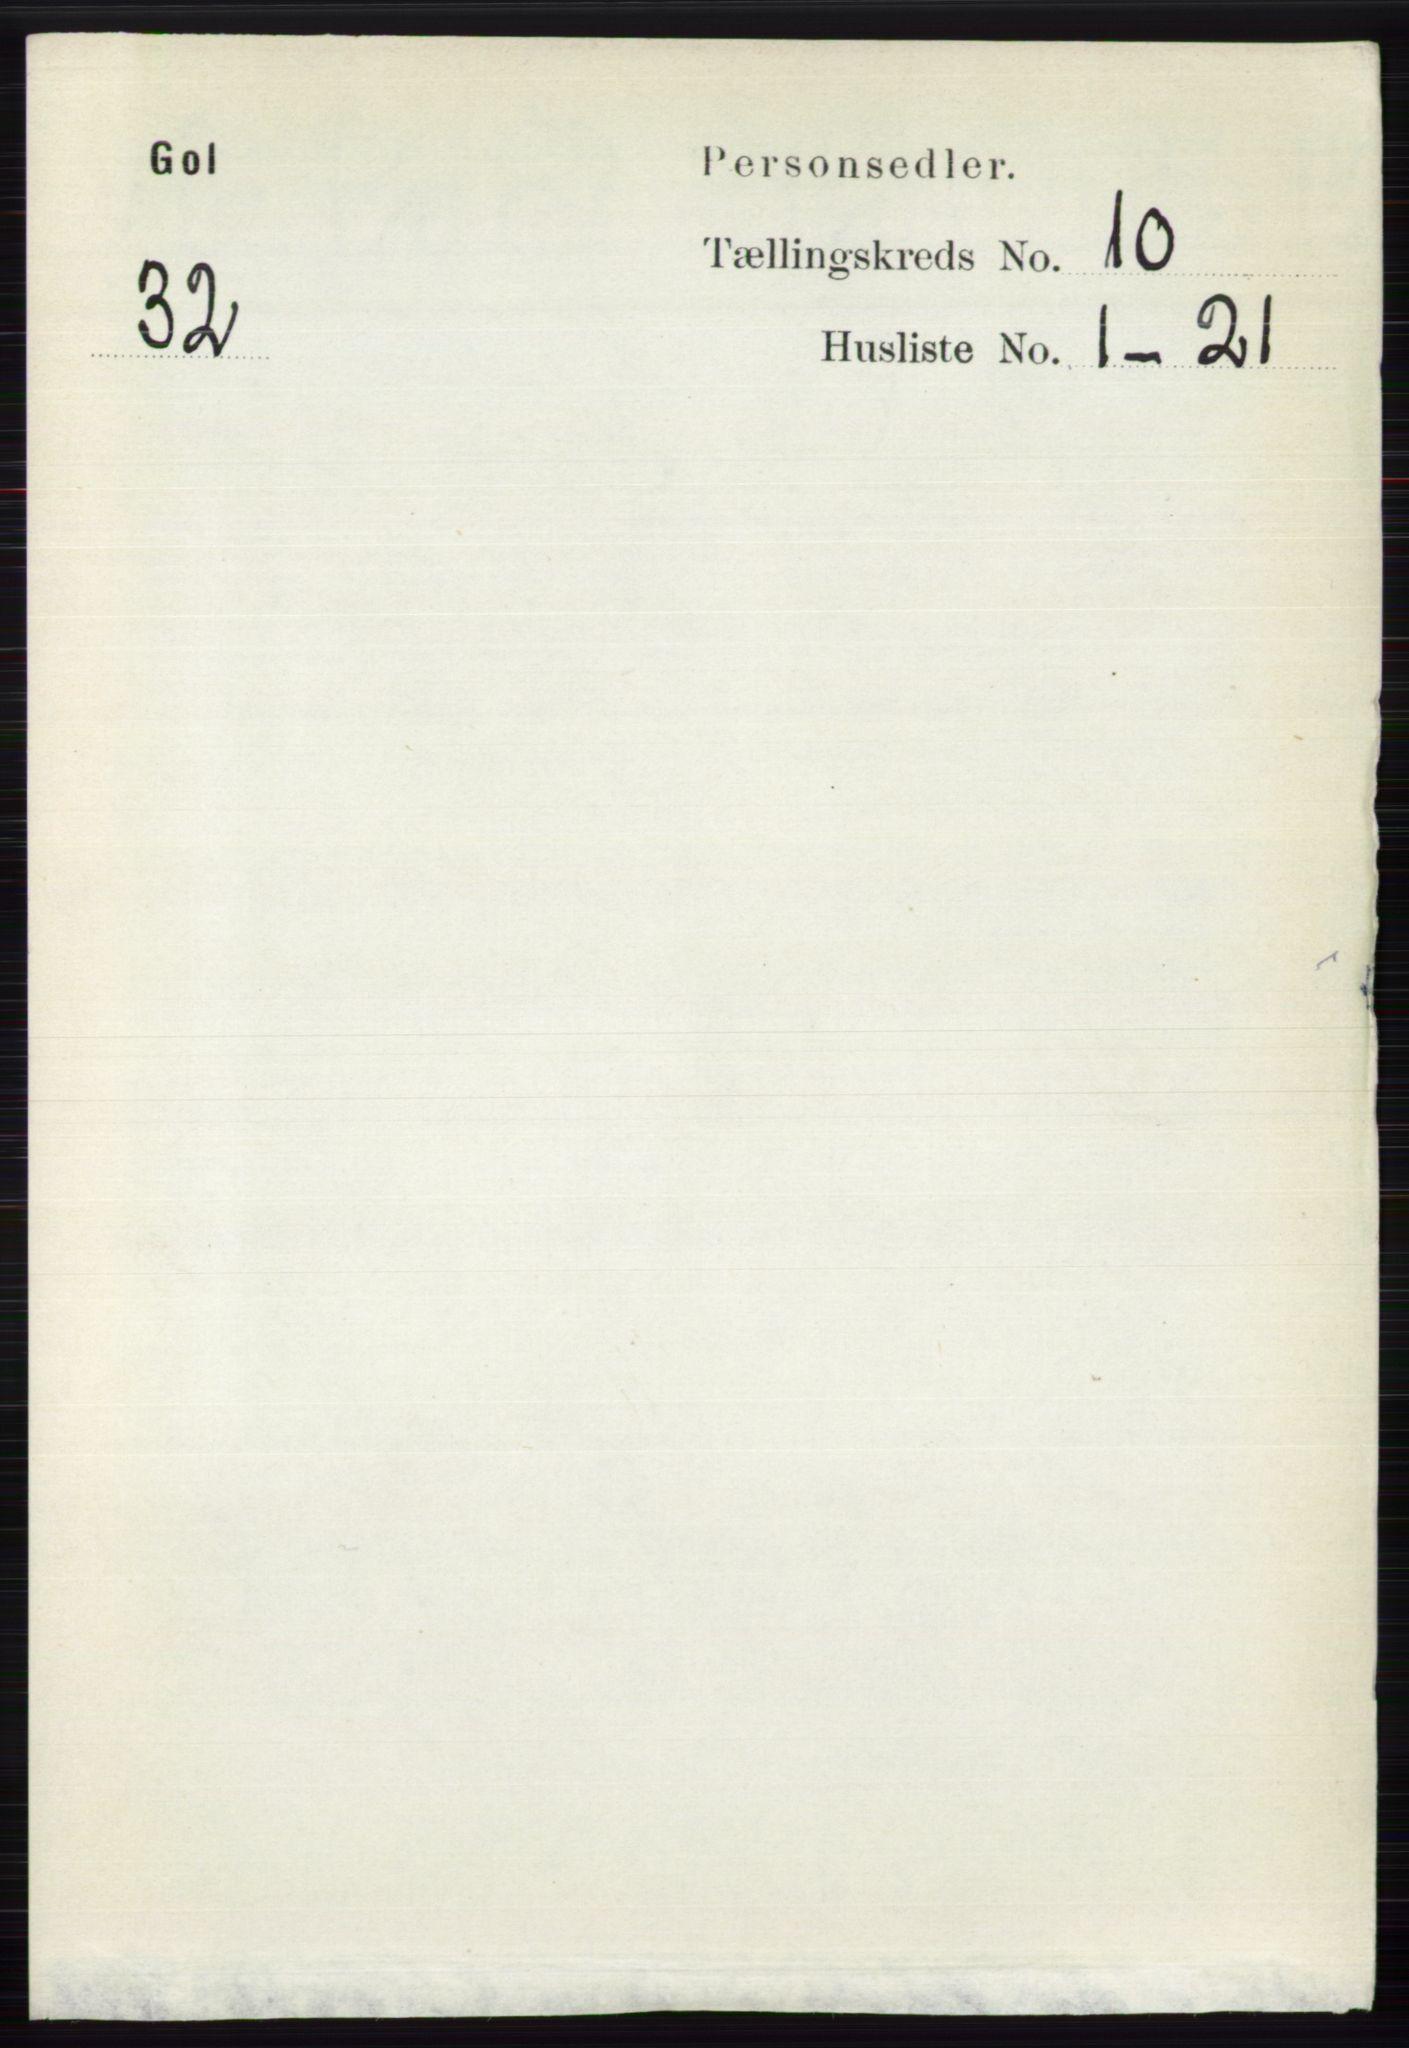 RA, Folketelling 1891 for 0617 Gol og Hemsedal herred, 1891, s. 4028